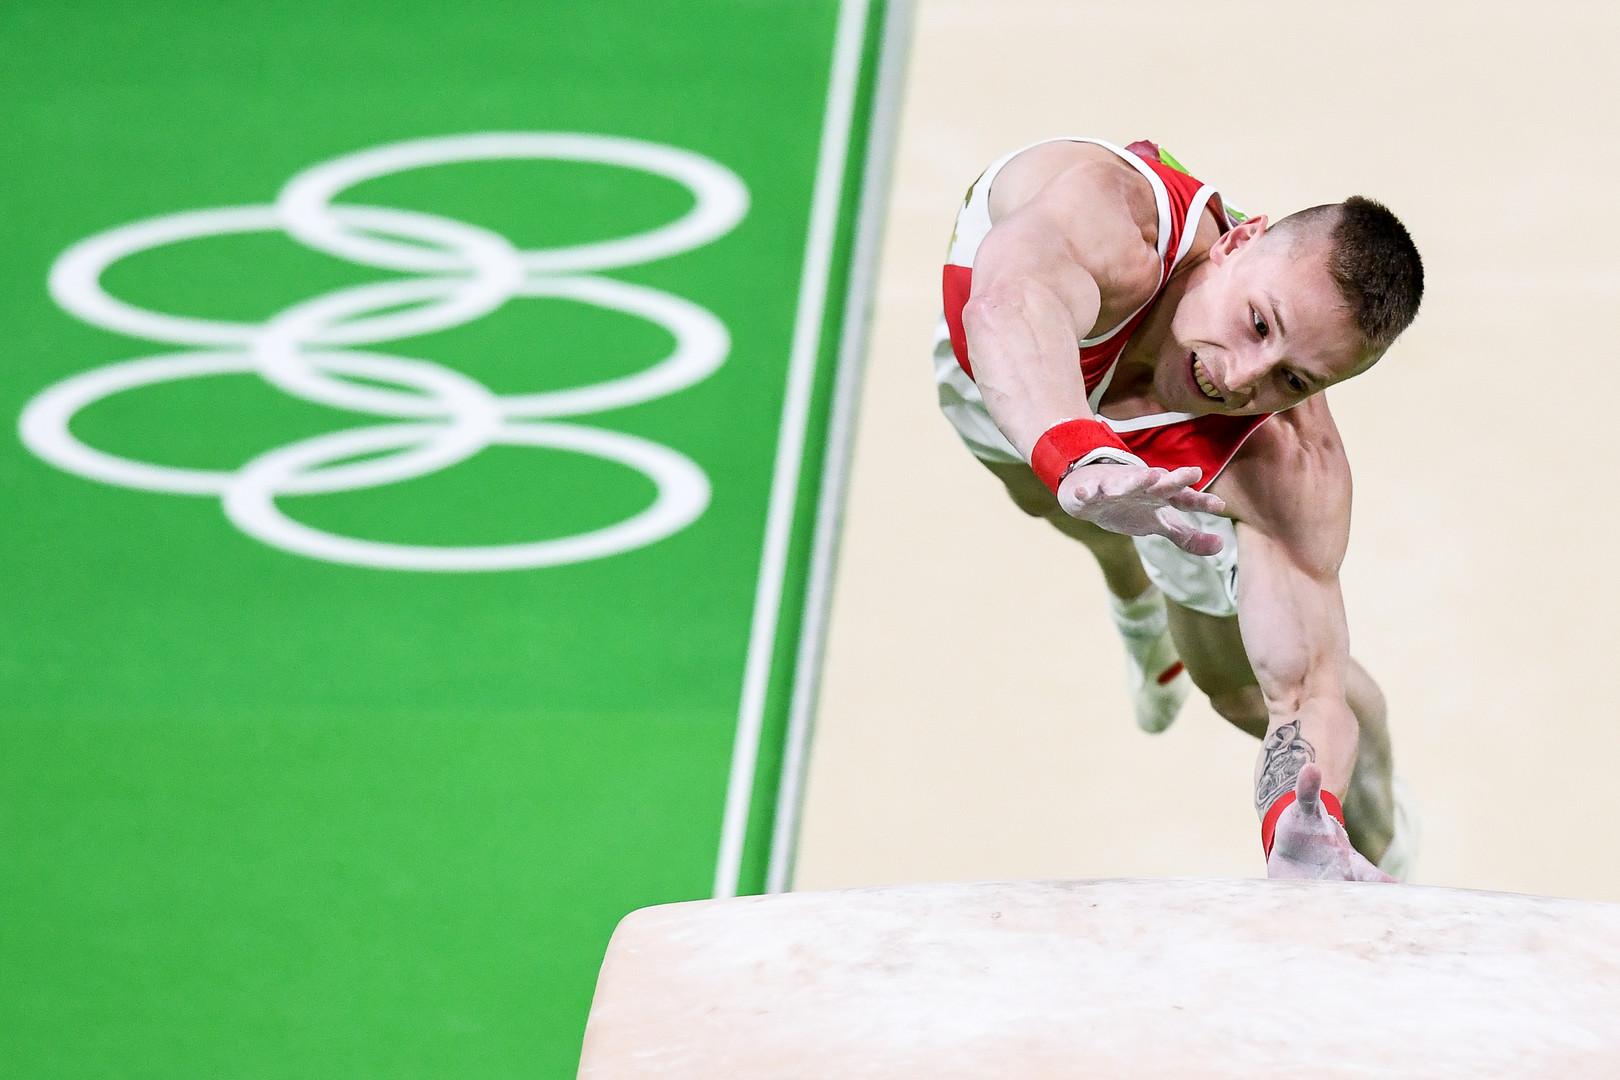 Денис Аблязин выиграл серебро Олимпиады в опорном прыжке